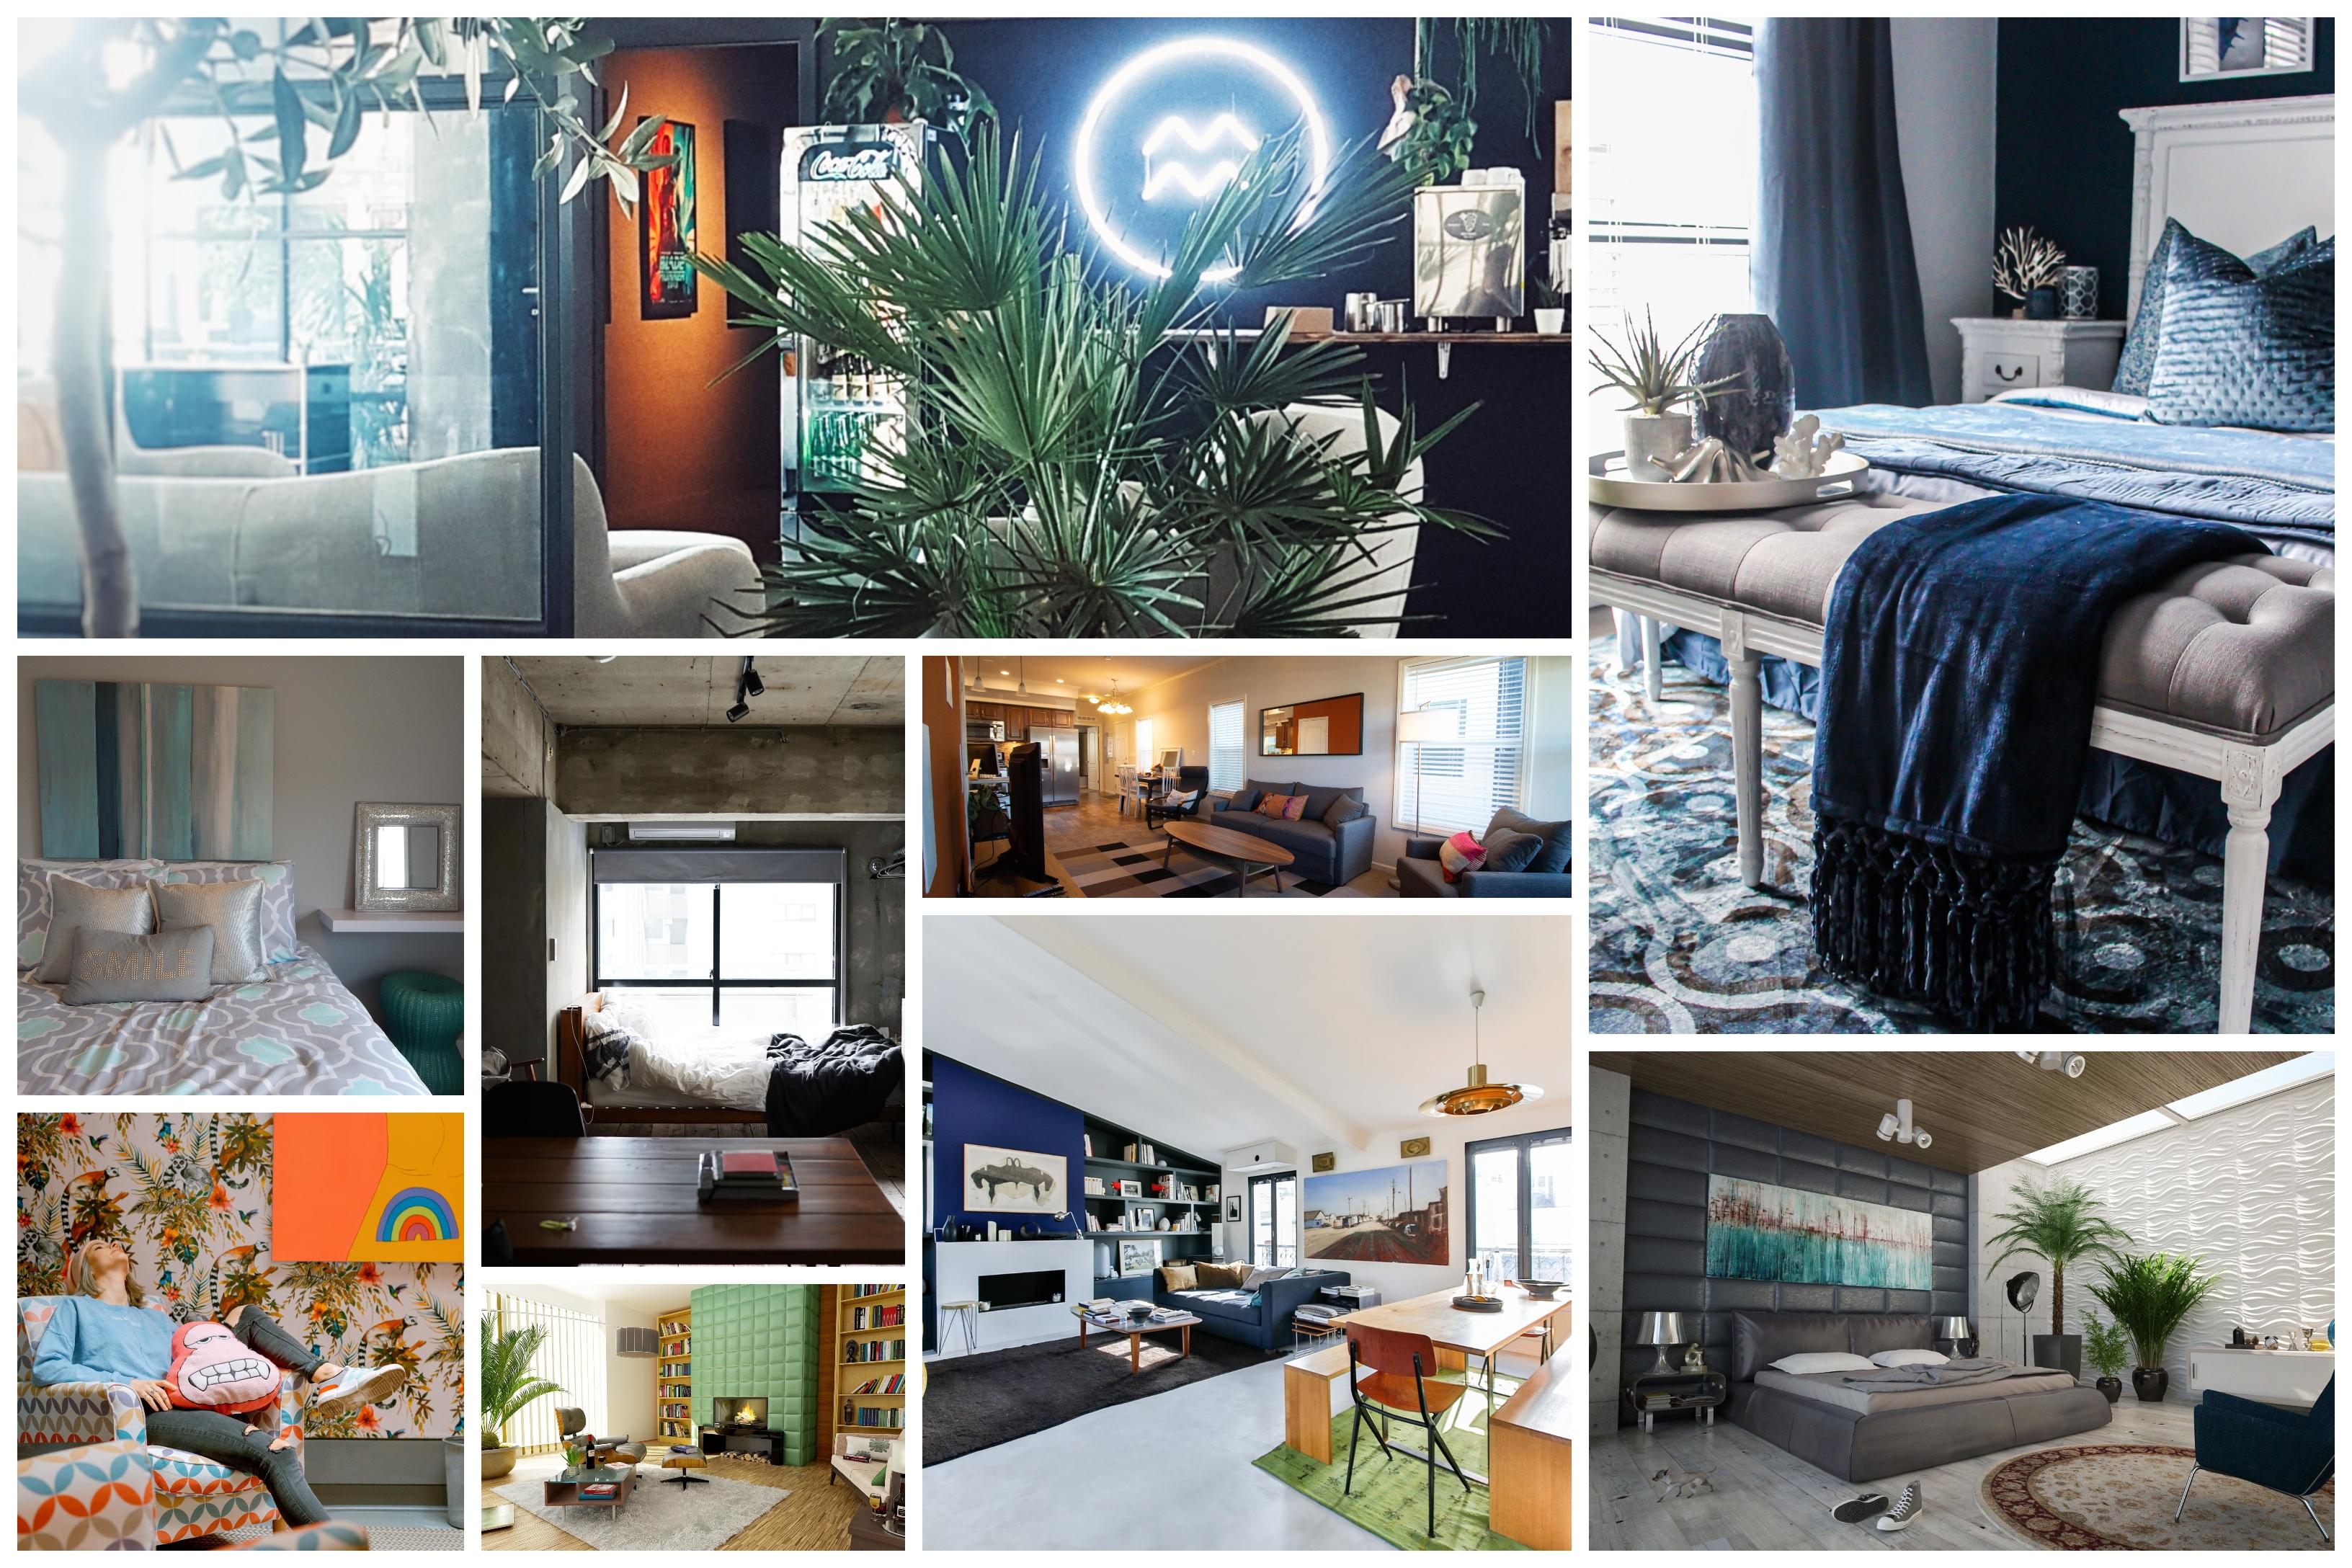 Idée en collage comment peindre une chambre en deux couleurs, couleur peinture chambre en deux couleurs pour effet plus original et moderne